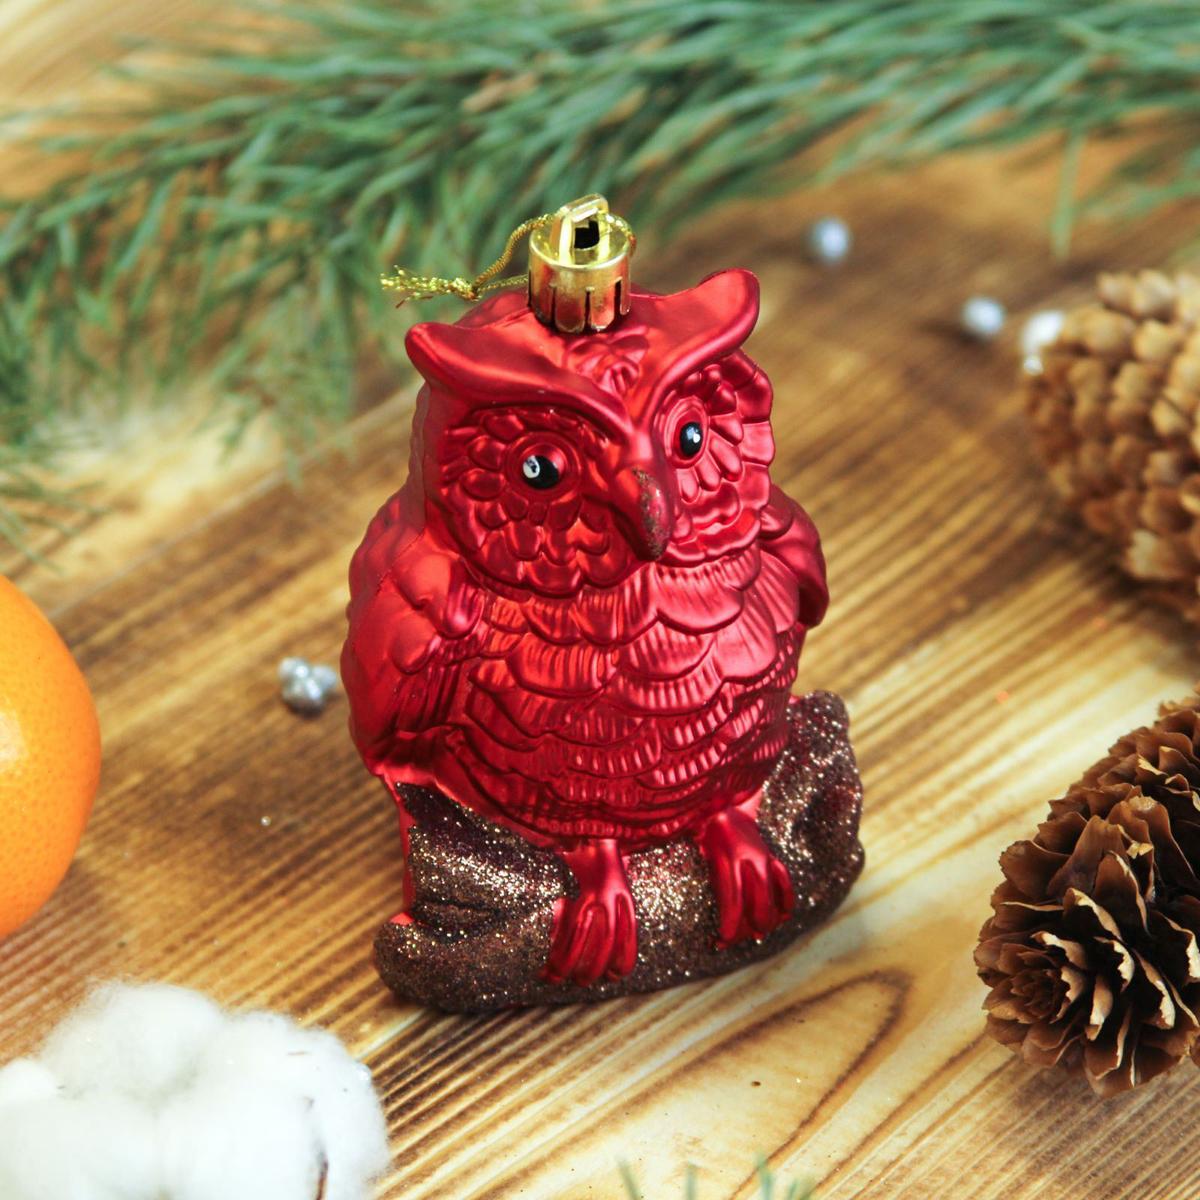 Набор новогодних подвесных украшений Sima-land Совята, 5,5 х 7,5 см, 2 шт. 23722002372200Набор новогодних подвесных украшений Sima-land отлично подойдет для декорации вашего дома и новогодней ели. Новогодние украшения можно повесить в любом понравившемся вам месте. Но, конечно, удачнее всего они будет смотреться на праздничной елке.Елочная игрушка - символ Нового года. Она несет в себе волшебство и красоту праздника. Такое украшение создаст в вашем доме атмосферу праздника, веселья и радости.